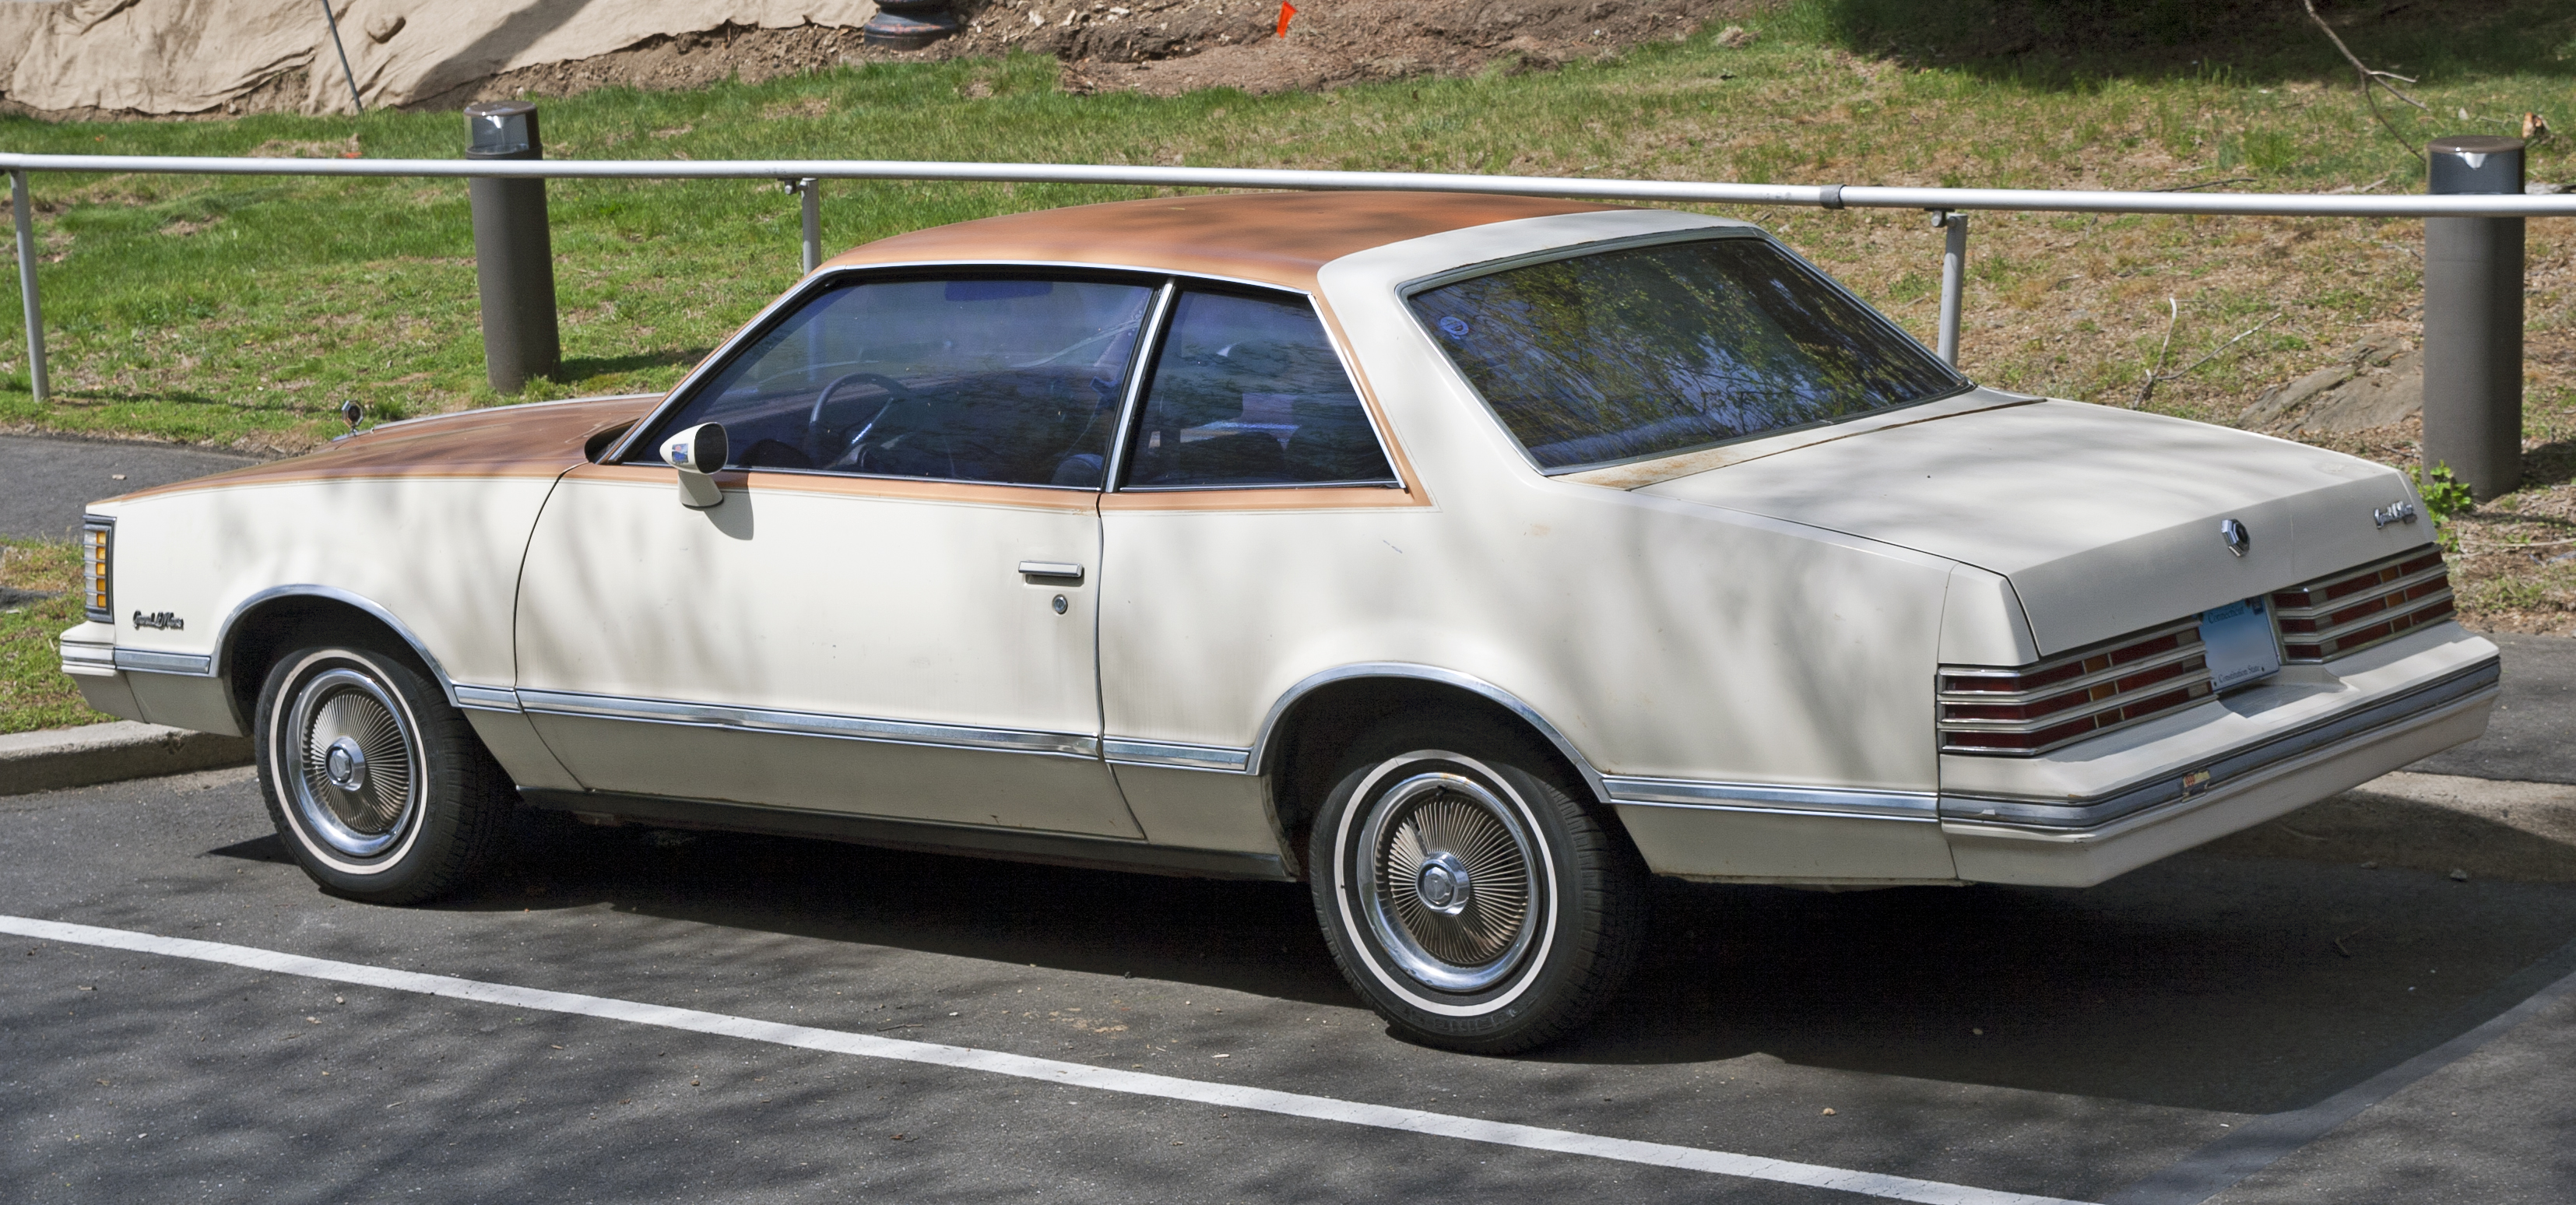 1980 pontiac lemans car interior design 1975 Pontiac LeMans 1990 Pontiac LeMans